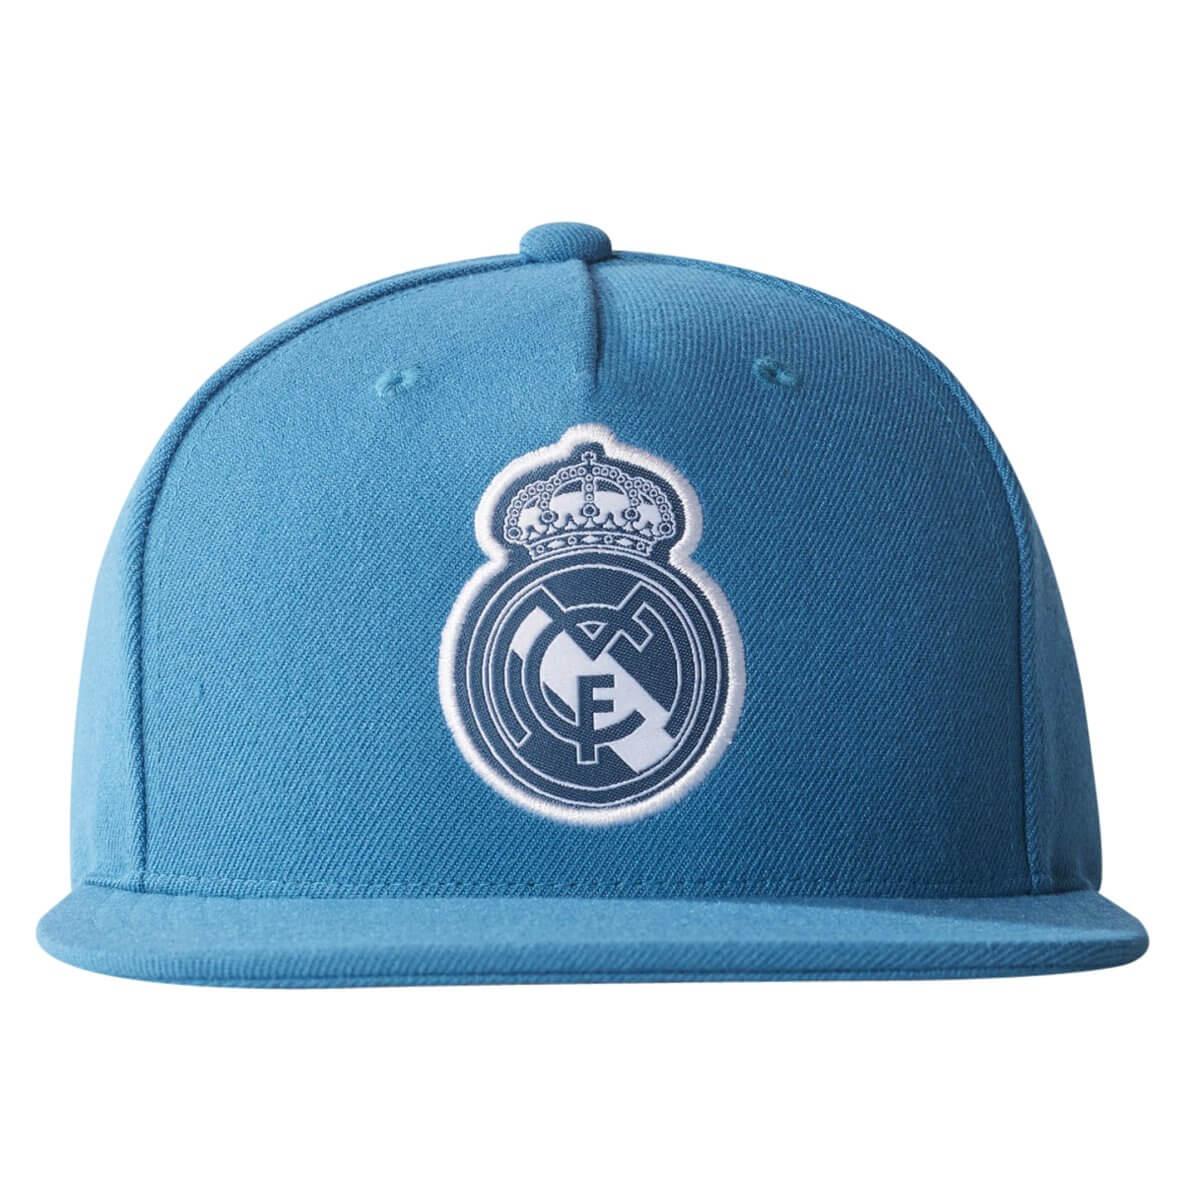 Boné Adidas Aba Reta Real Madrid CD9143 - Verde Petroleo - Calçados ... dd410f8a2e4